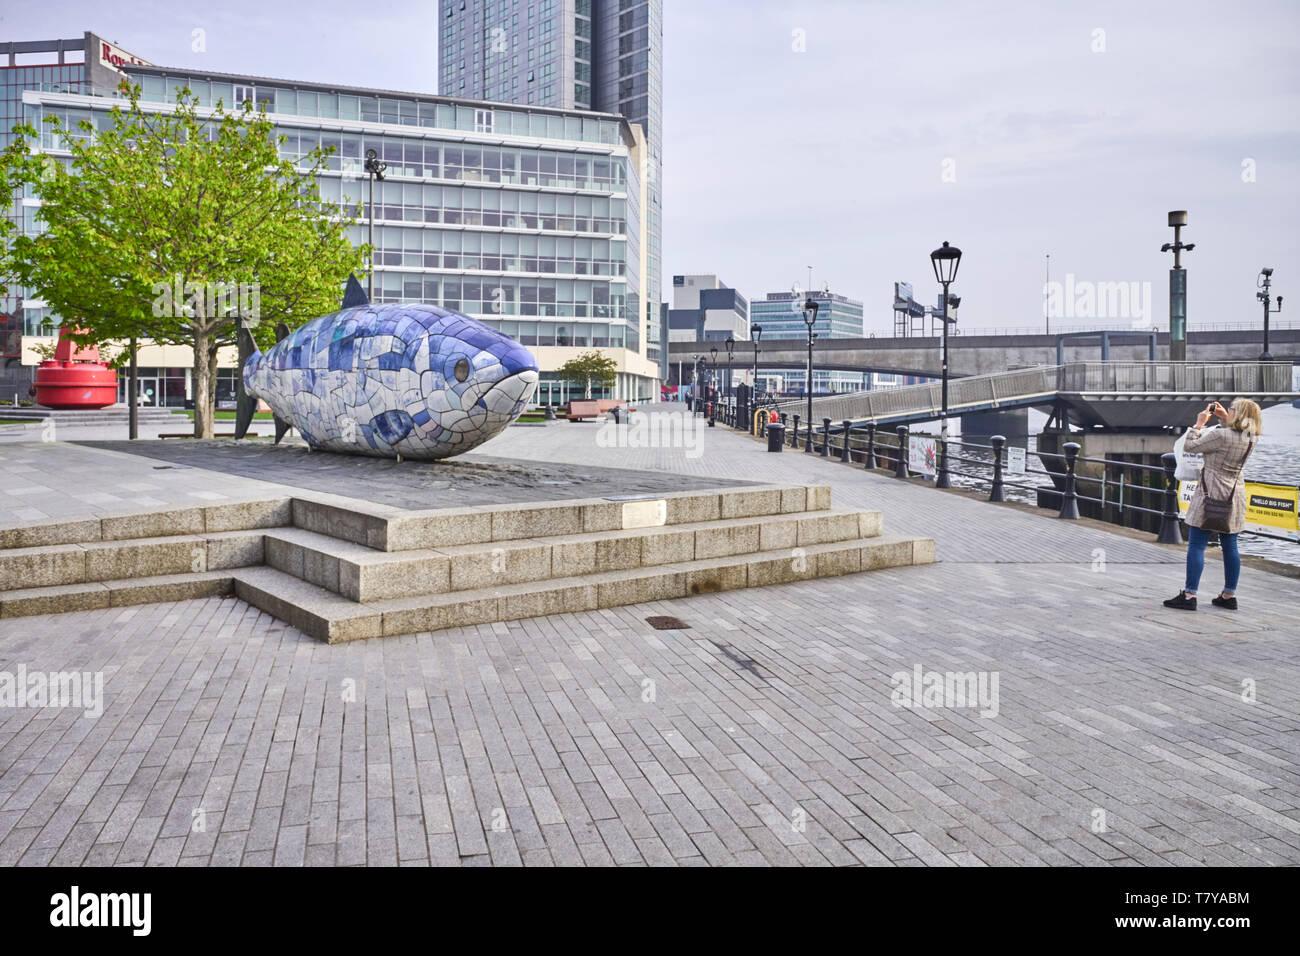 Il salmone della conoscenza scultura di Giovanni gentilezza in Donegall Quay, Belfast, Irlanda del Nord Immagini Stock